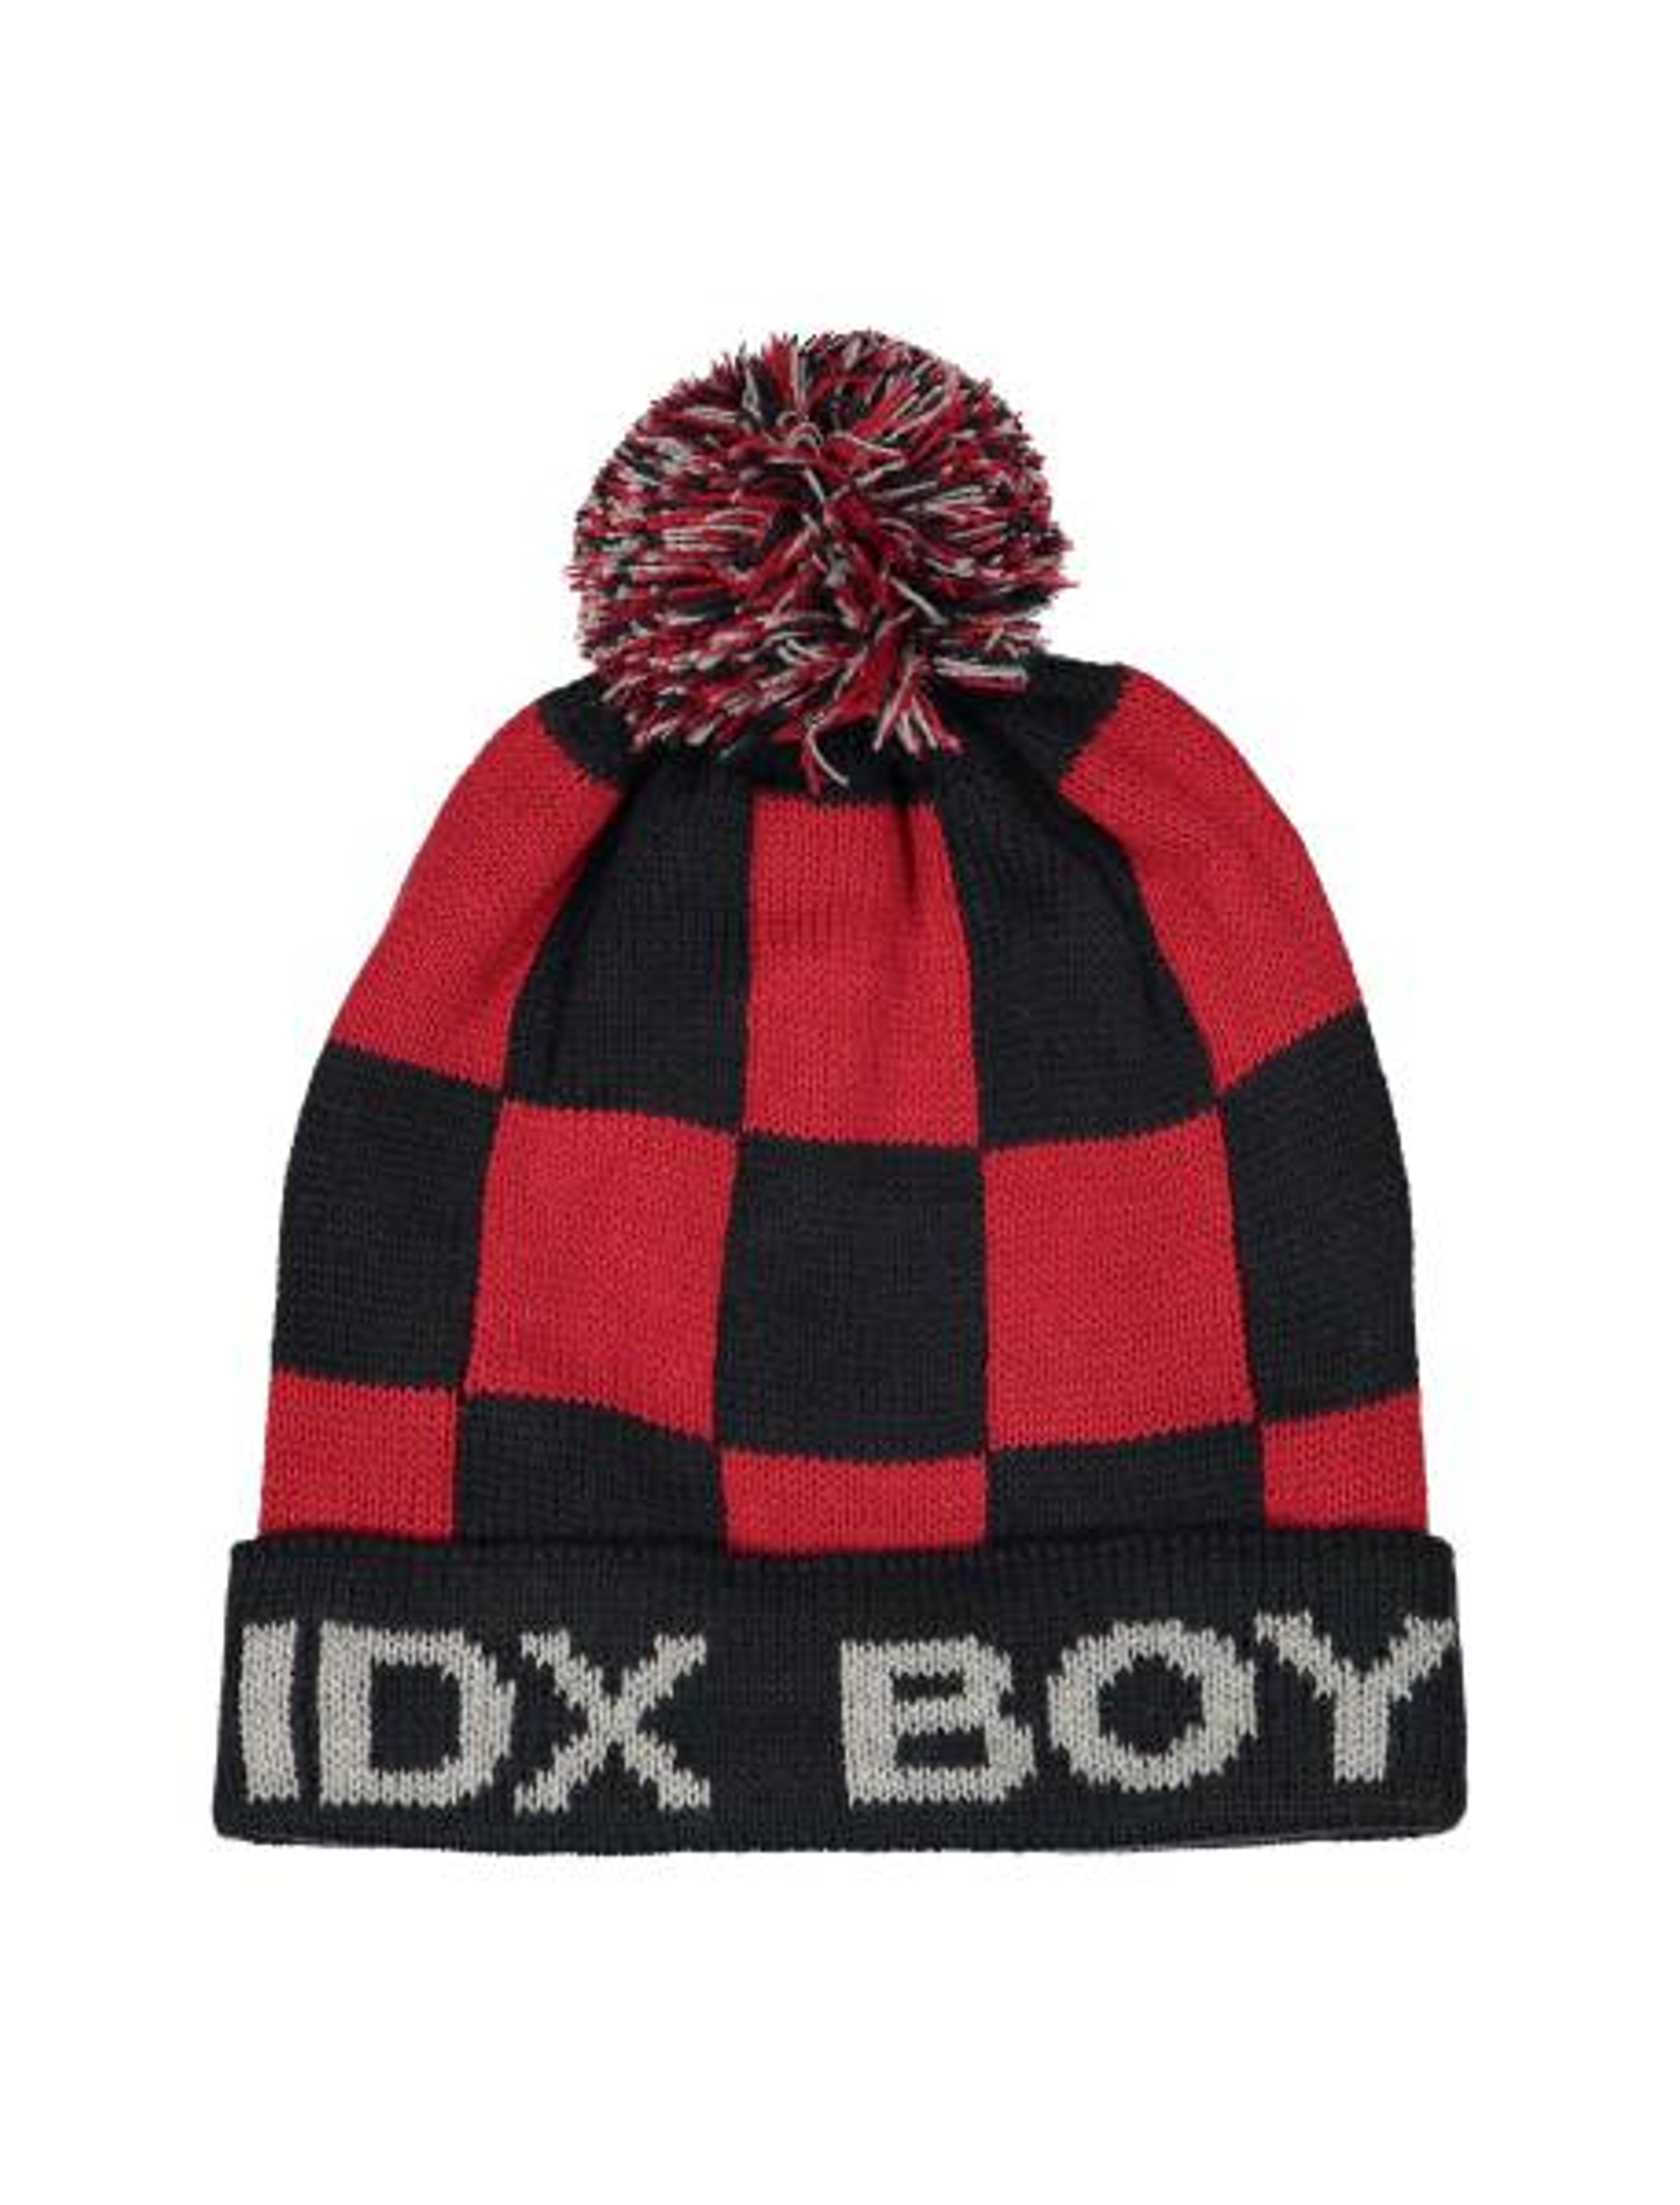 کلاه بافتنی بانی پسرانه - قرمز و سرمه اي - 1